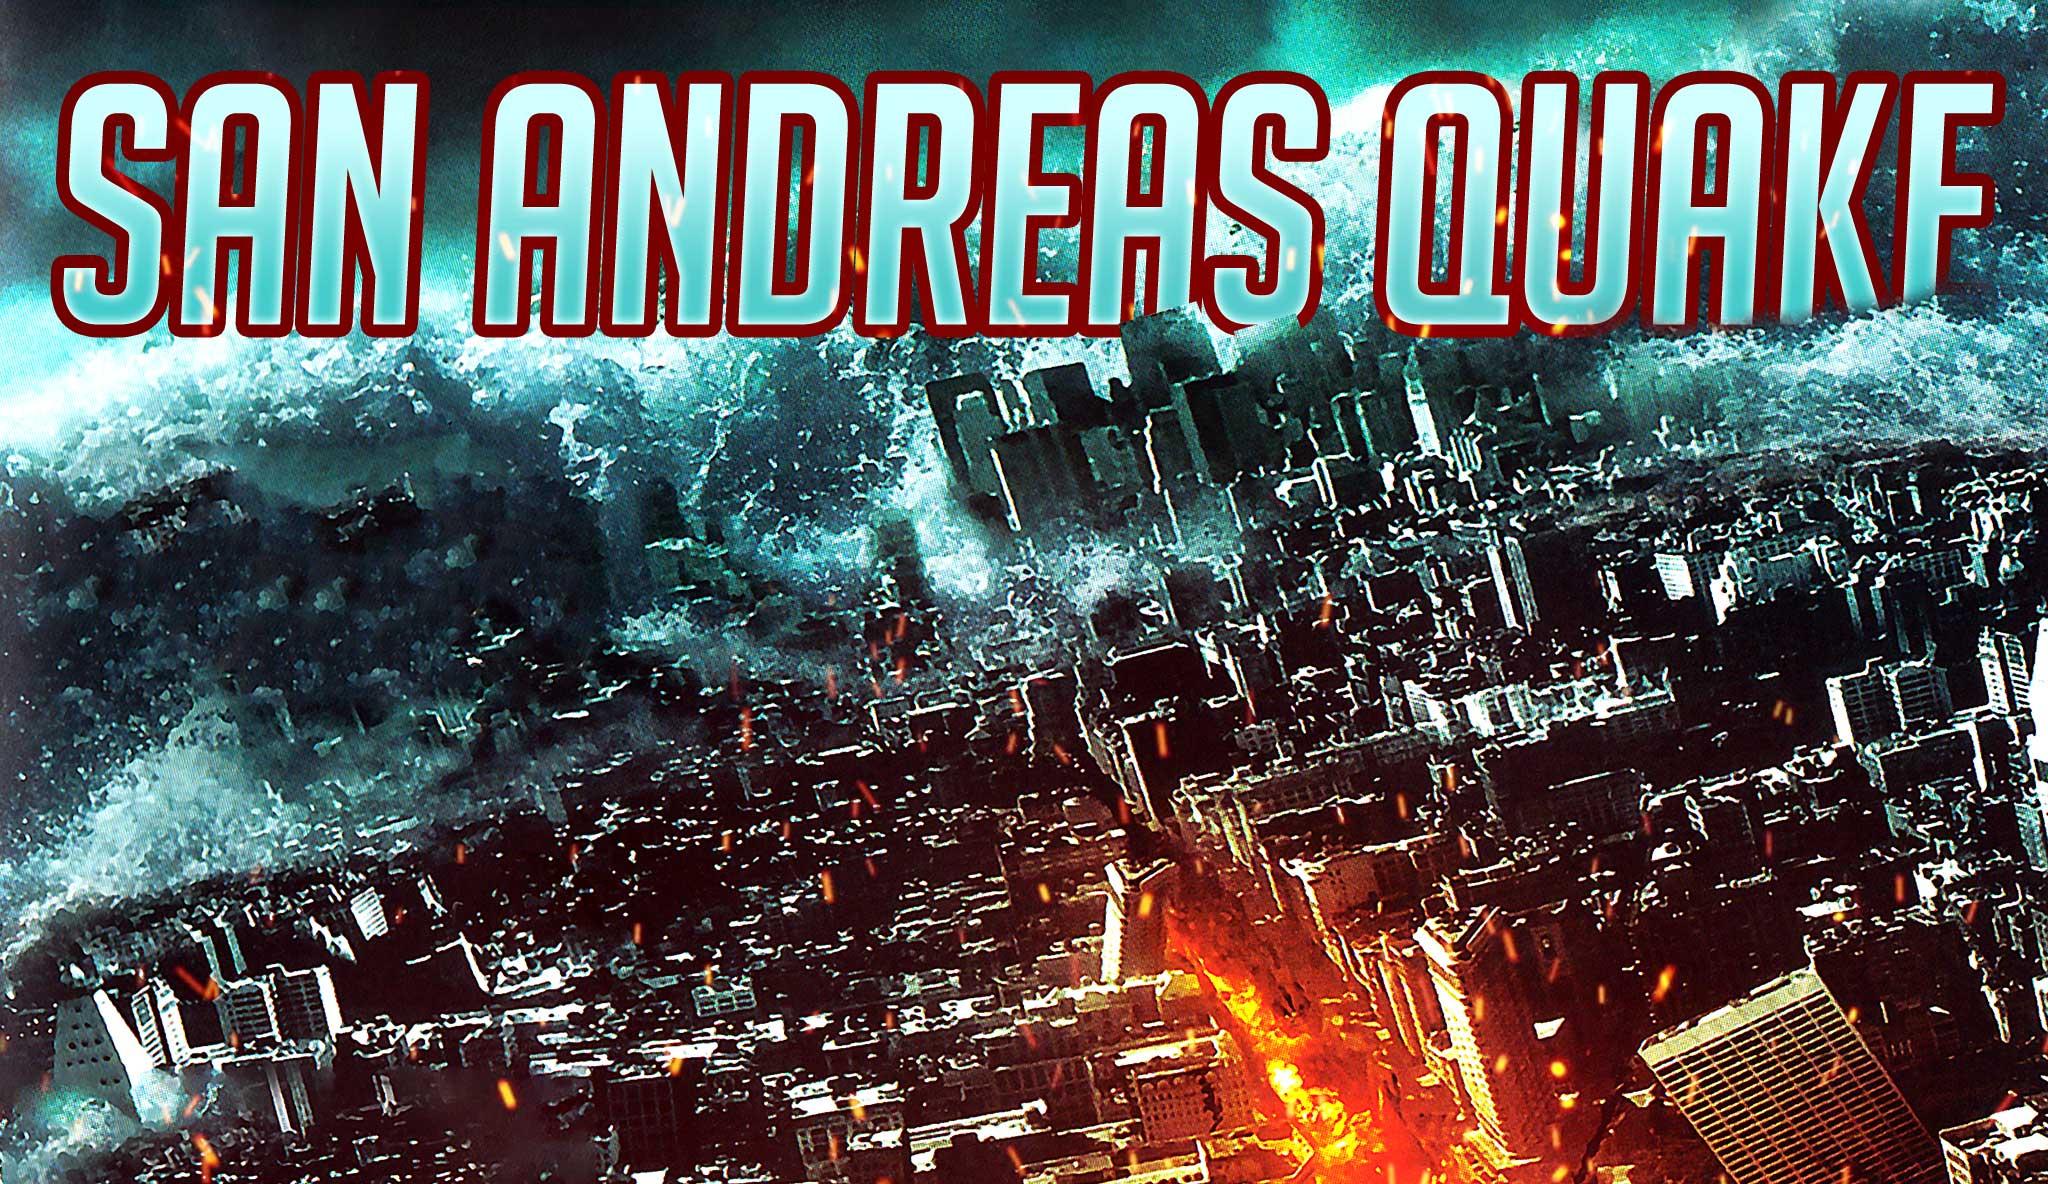 san-andreas-quake\header.jpg